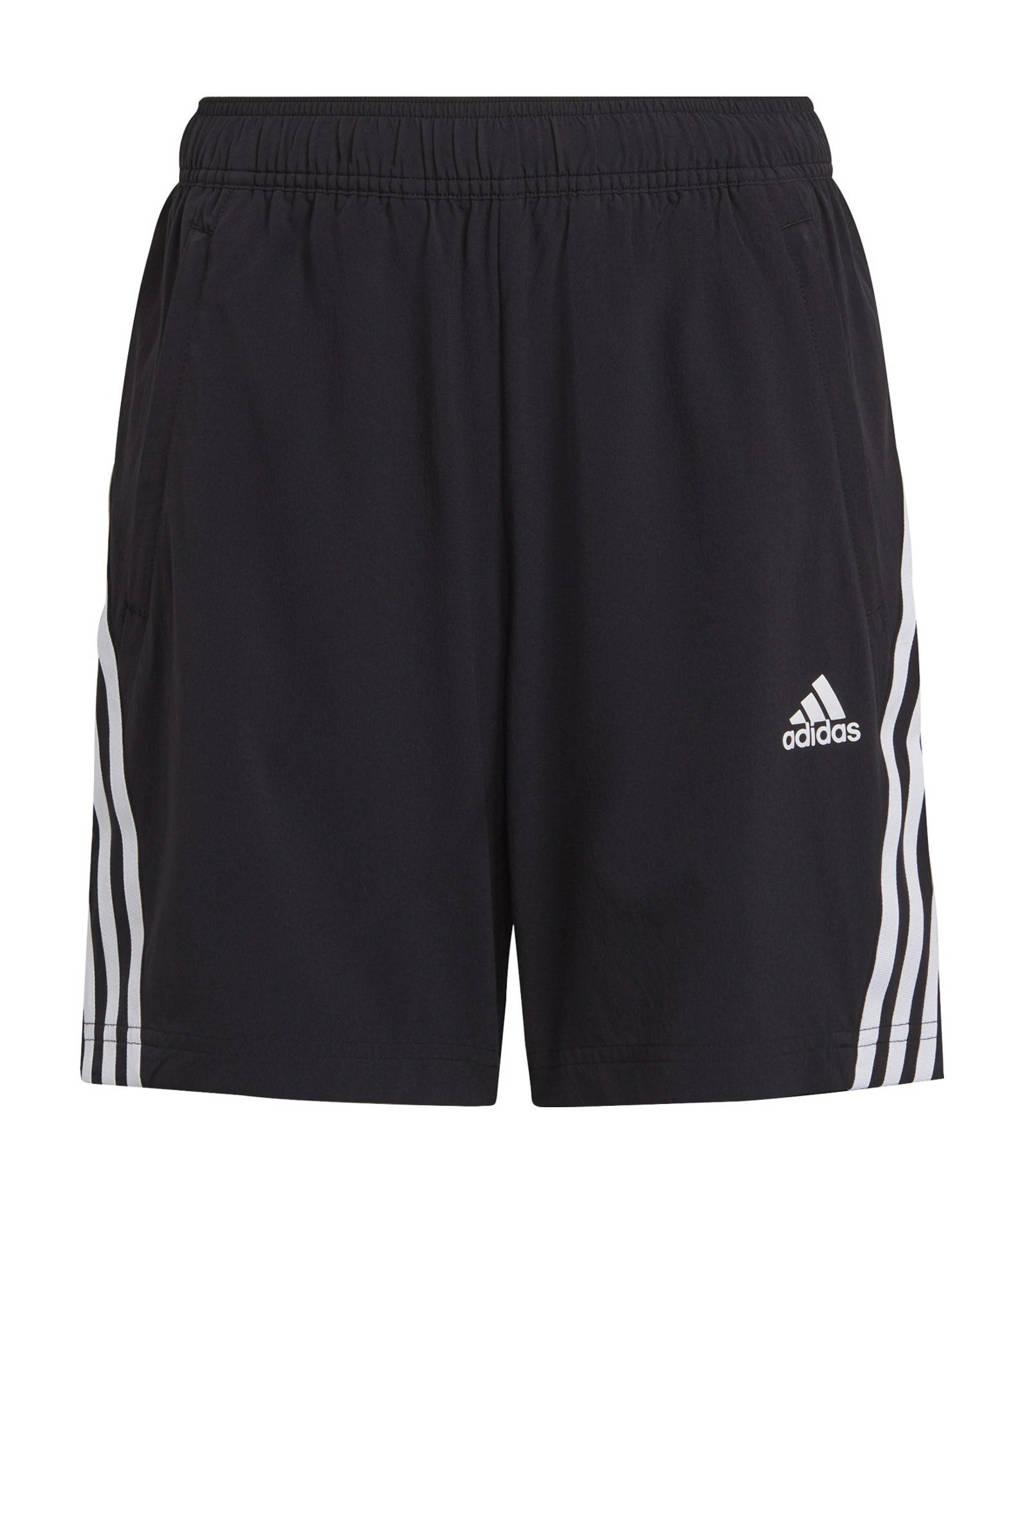 adidas Performance   sportshort zwart/wit, Zwart/wit